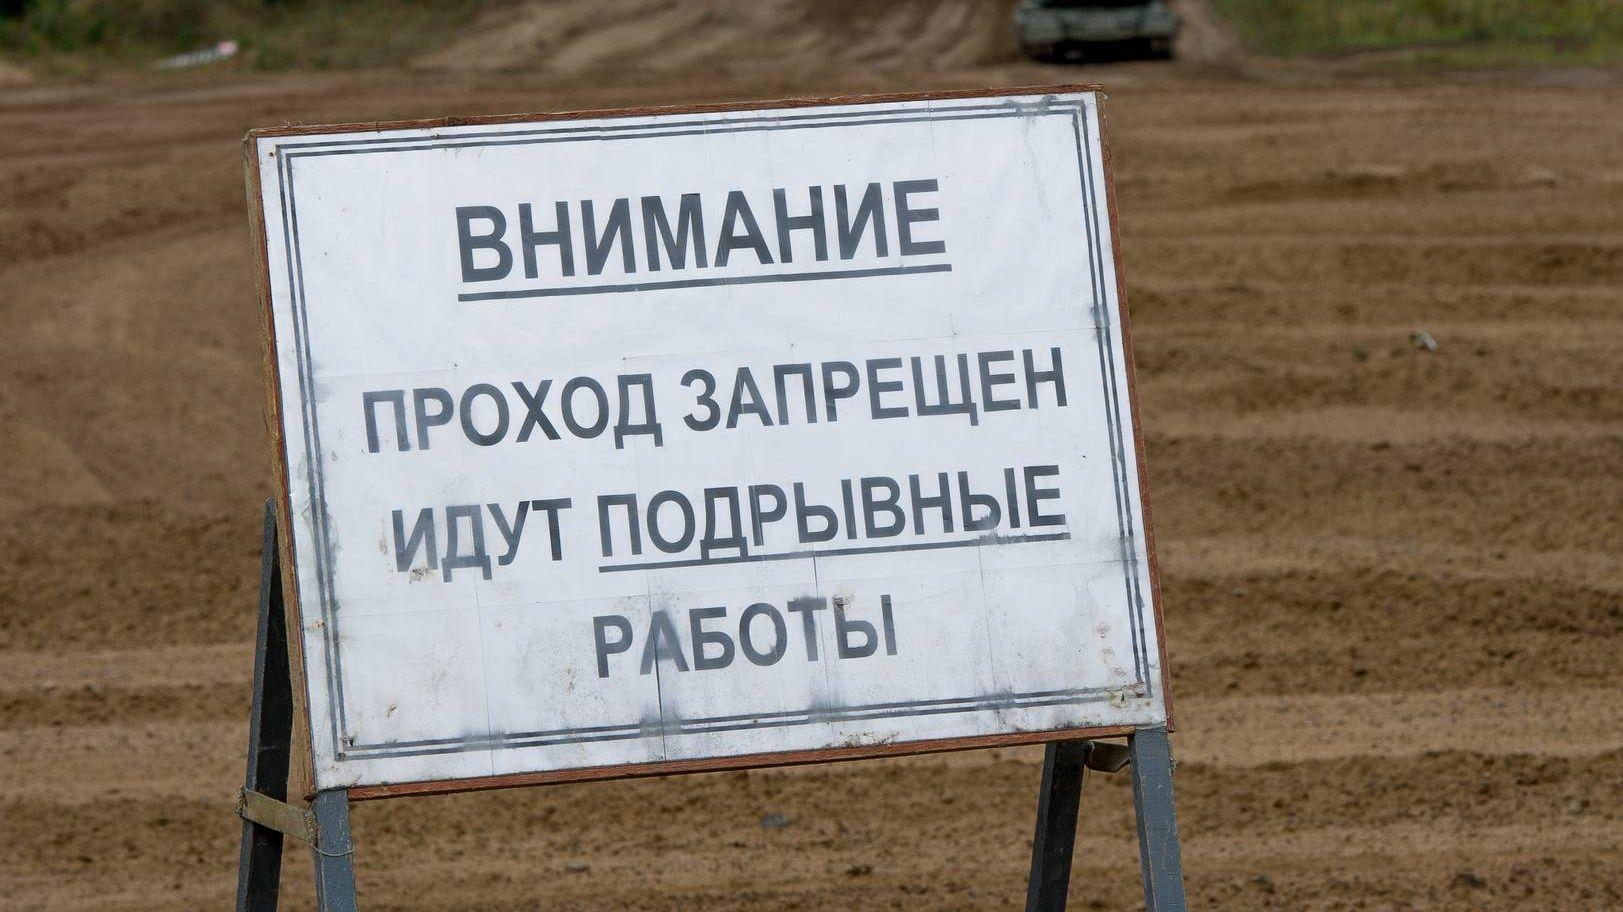 Проход запрещен подрывные работы